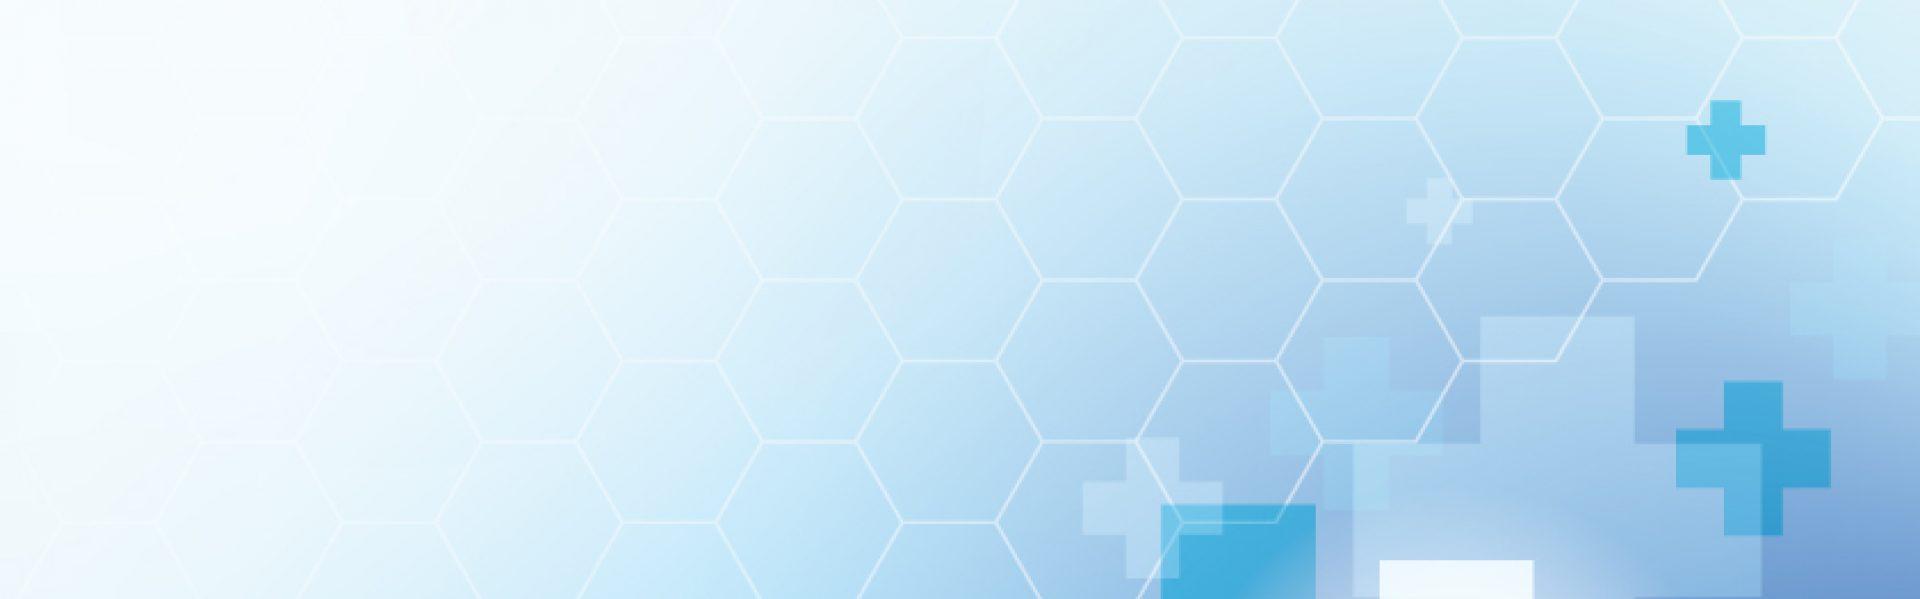 Background image header - Cropped Header Background 1 Jpg